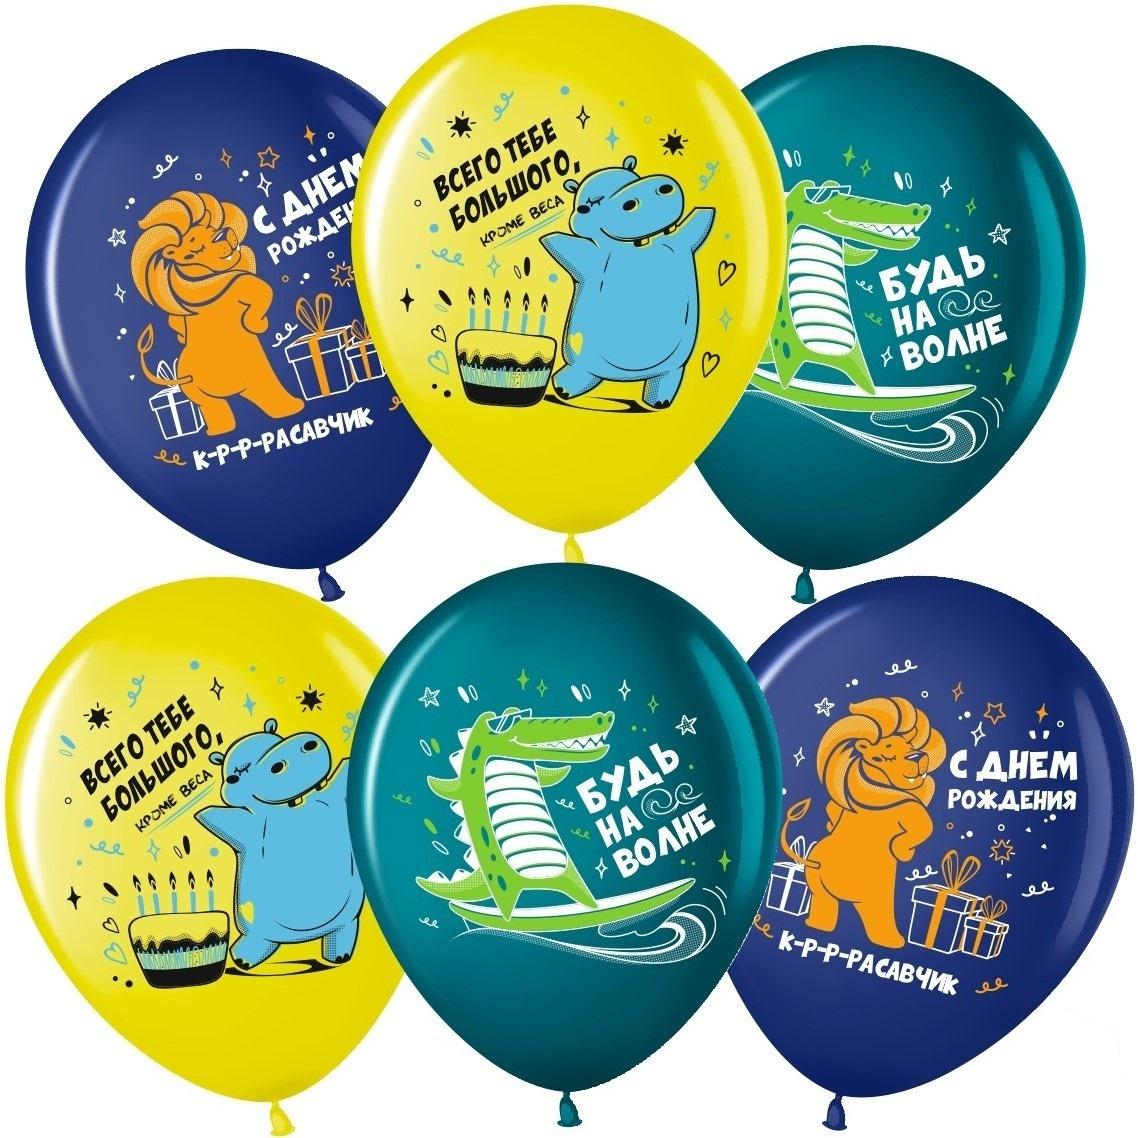 сожалению, для шары с днем рождения пожелания волна веселья как